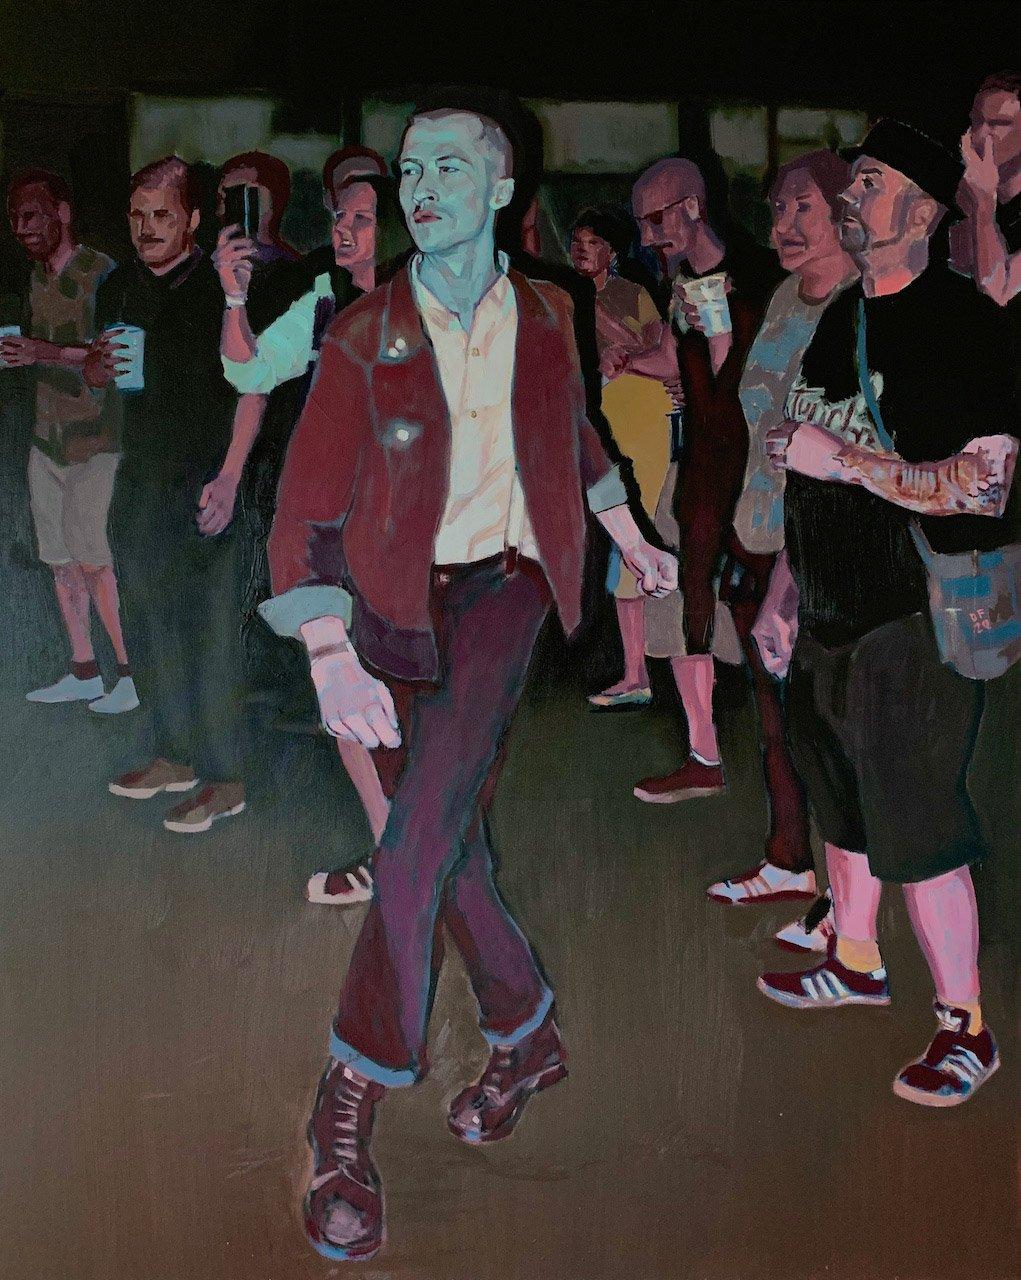 Dan Ferguson - Make Room! - 80x100cm oil on canvas.